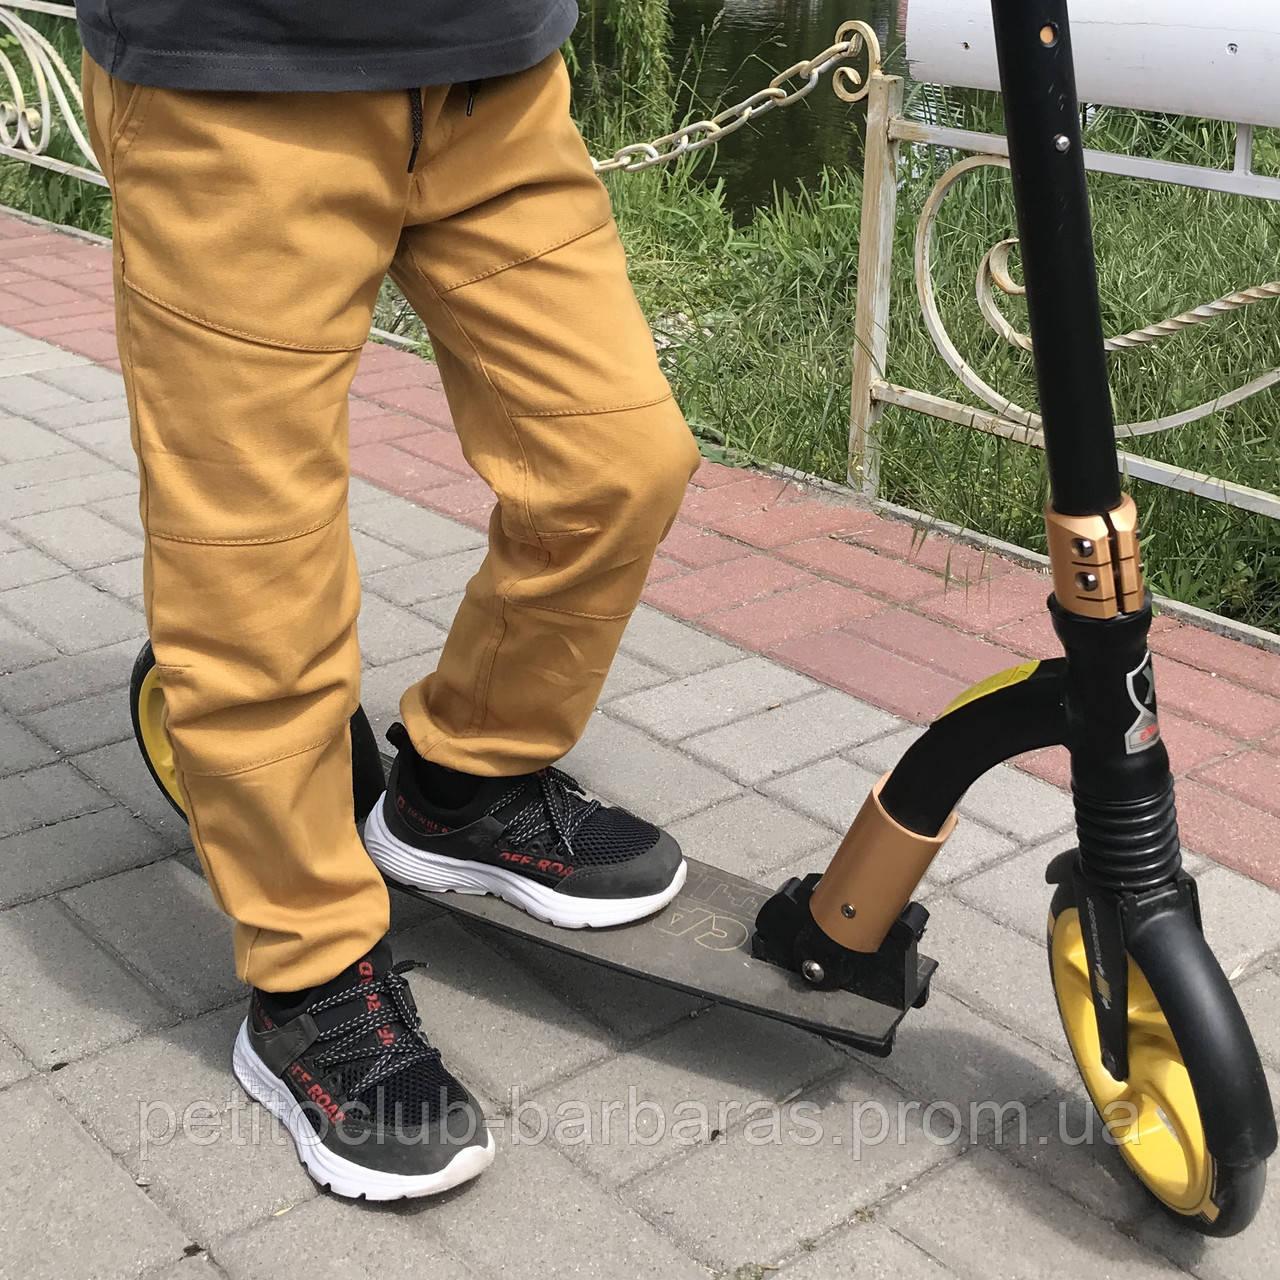 Детские летние хлопковые брюки джоггеры для мальчика желто-коричневые (р.122-140 см) (KIT-Lime, Украина)